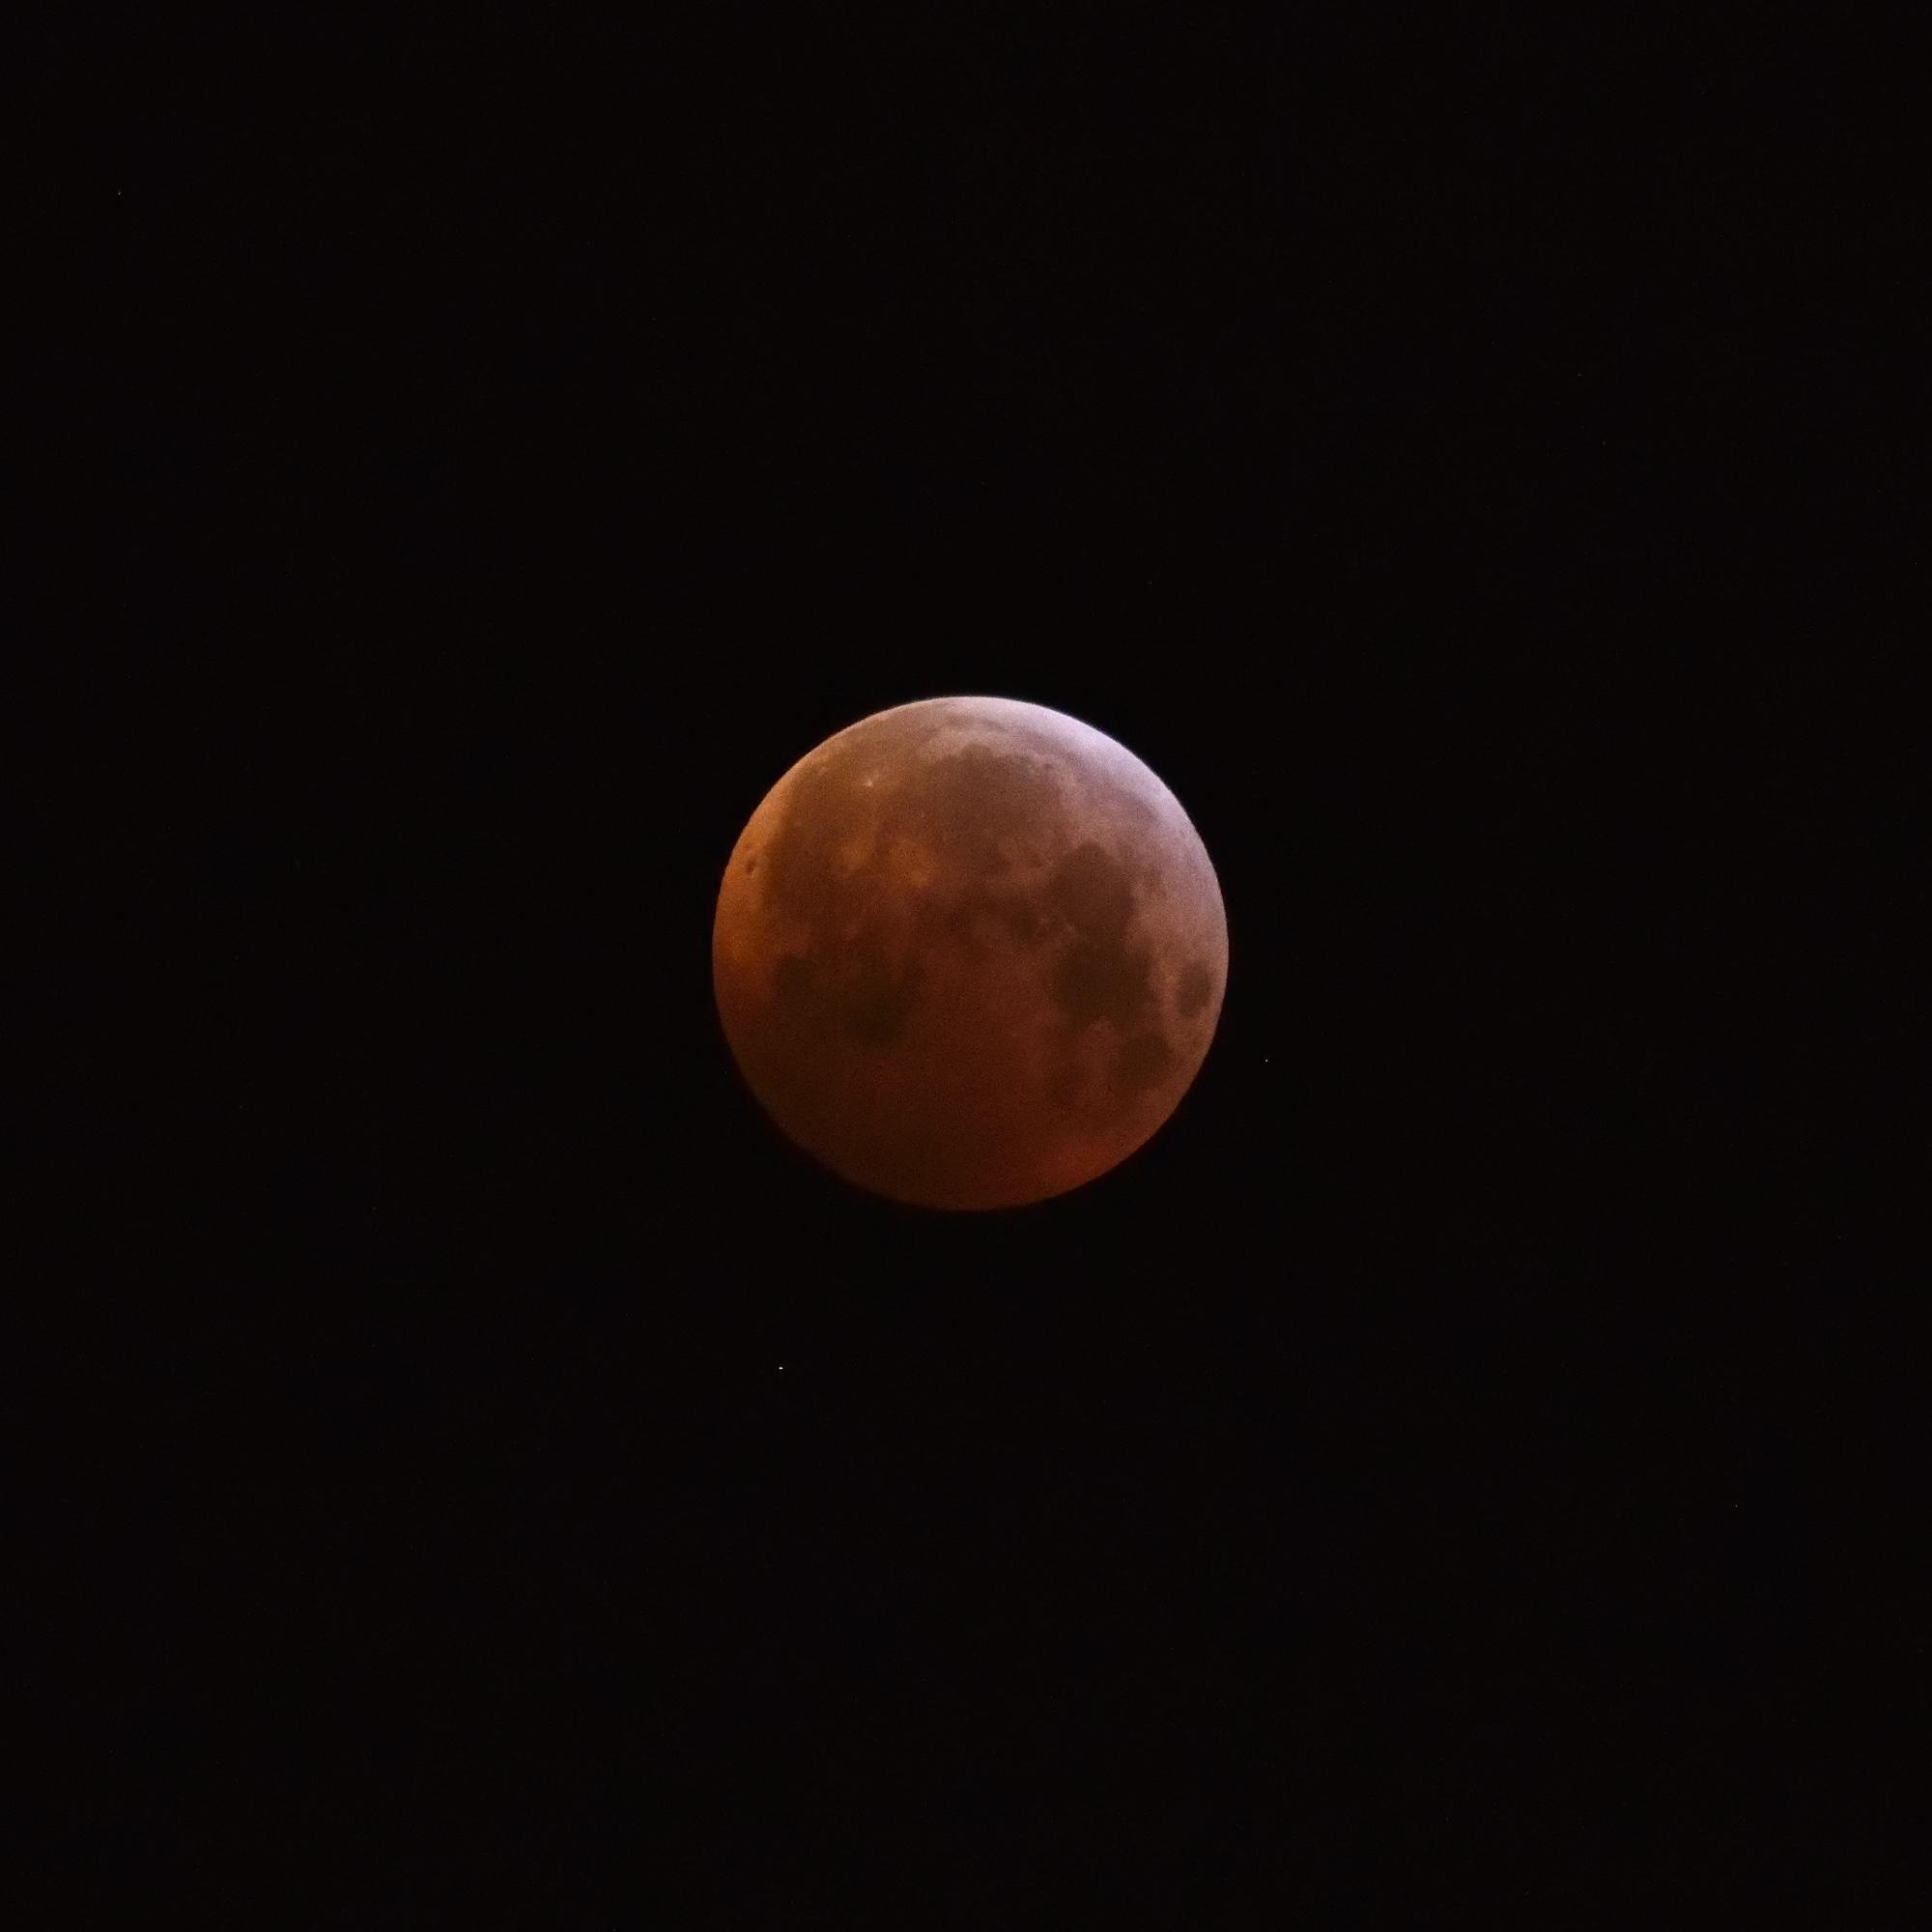 Eclipse de la Lune, le 21/01/19 : 2019-014